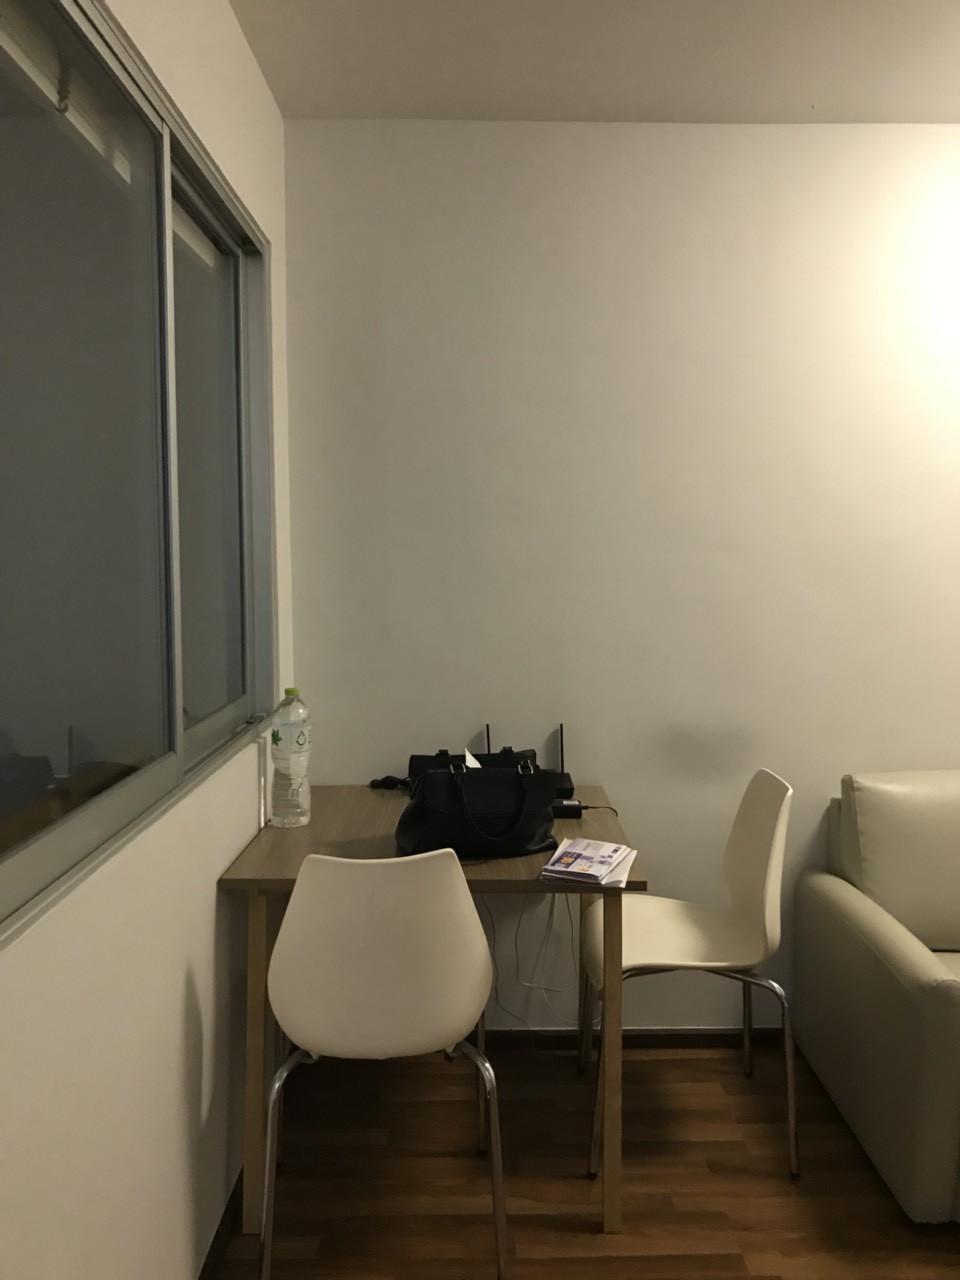 รูปของประกาศขายคอนโดคอนโดยูแอทหัวหมากสเตชั่น(1 ห้องนอน)(3)